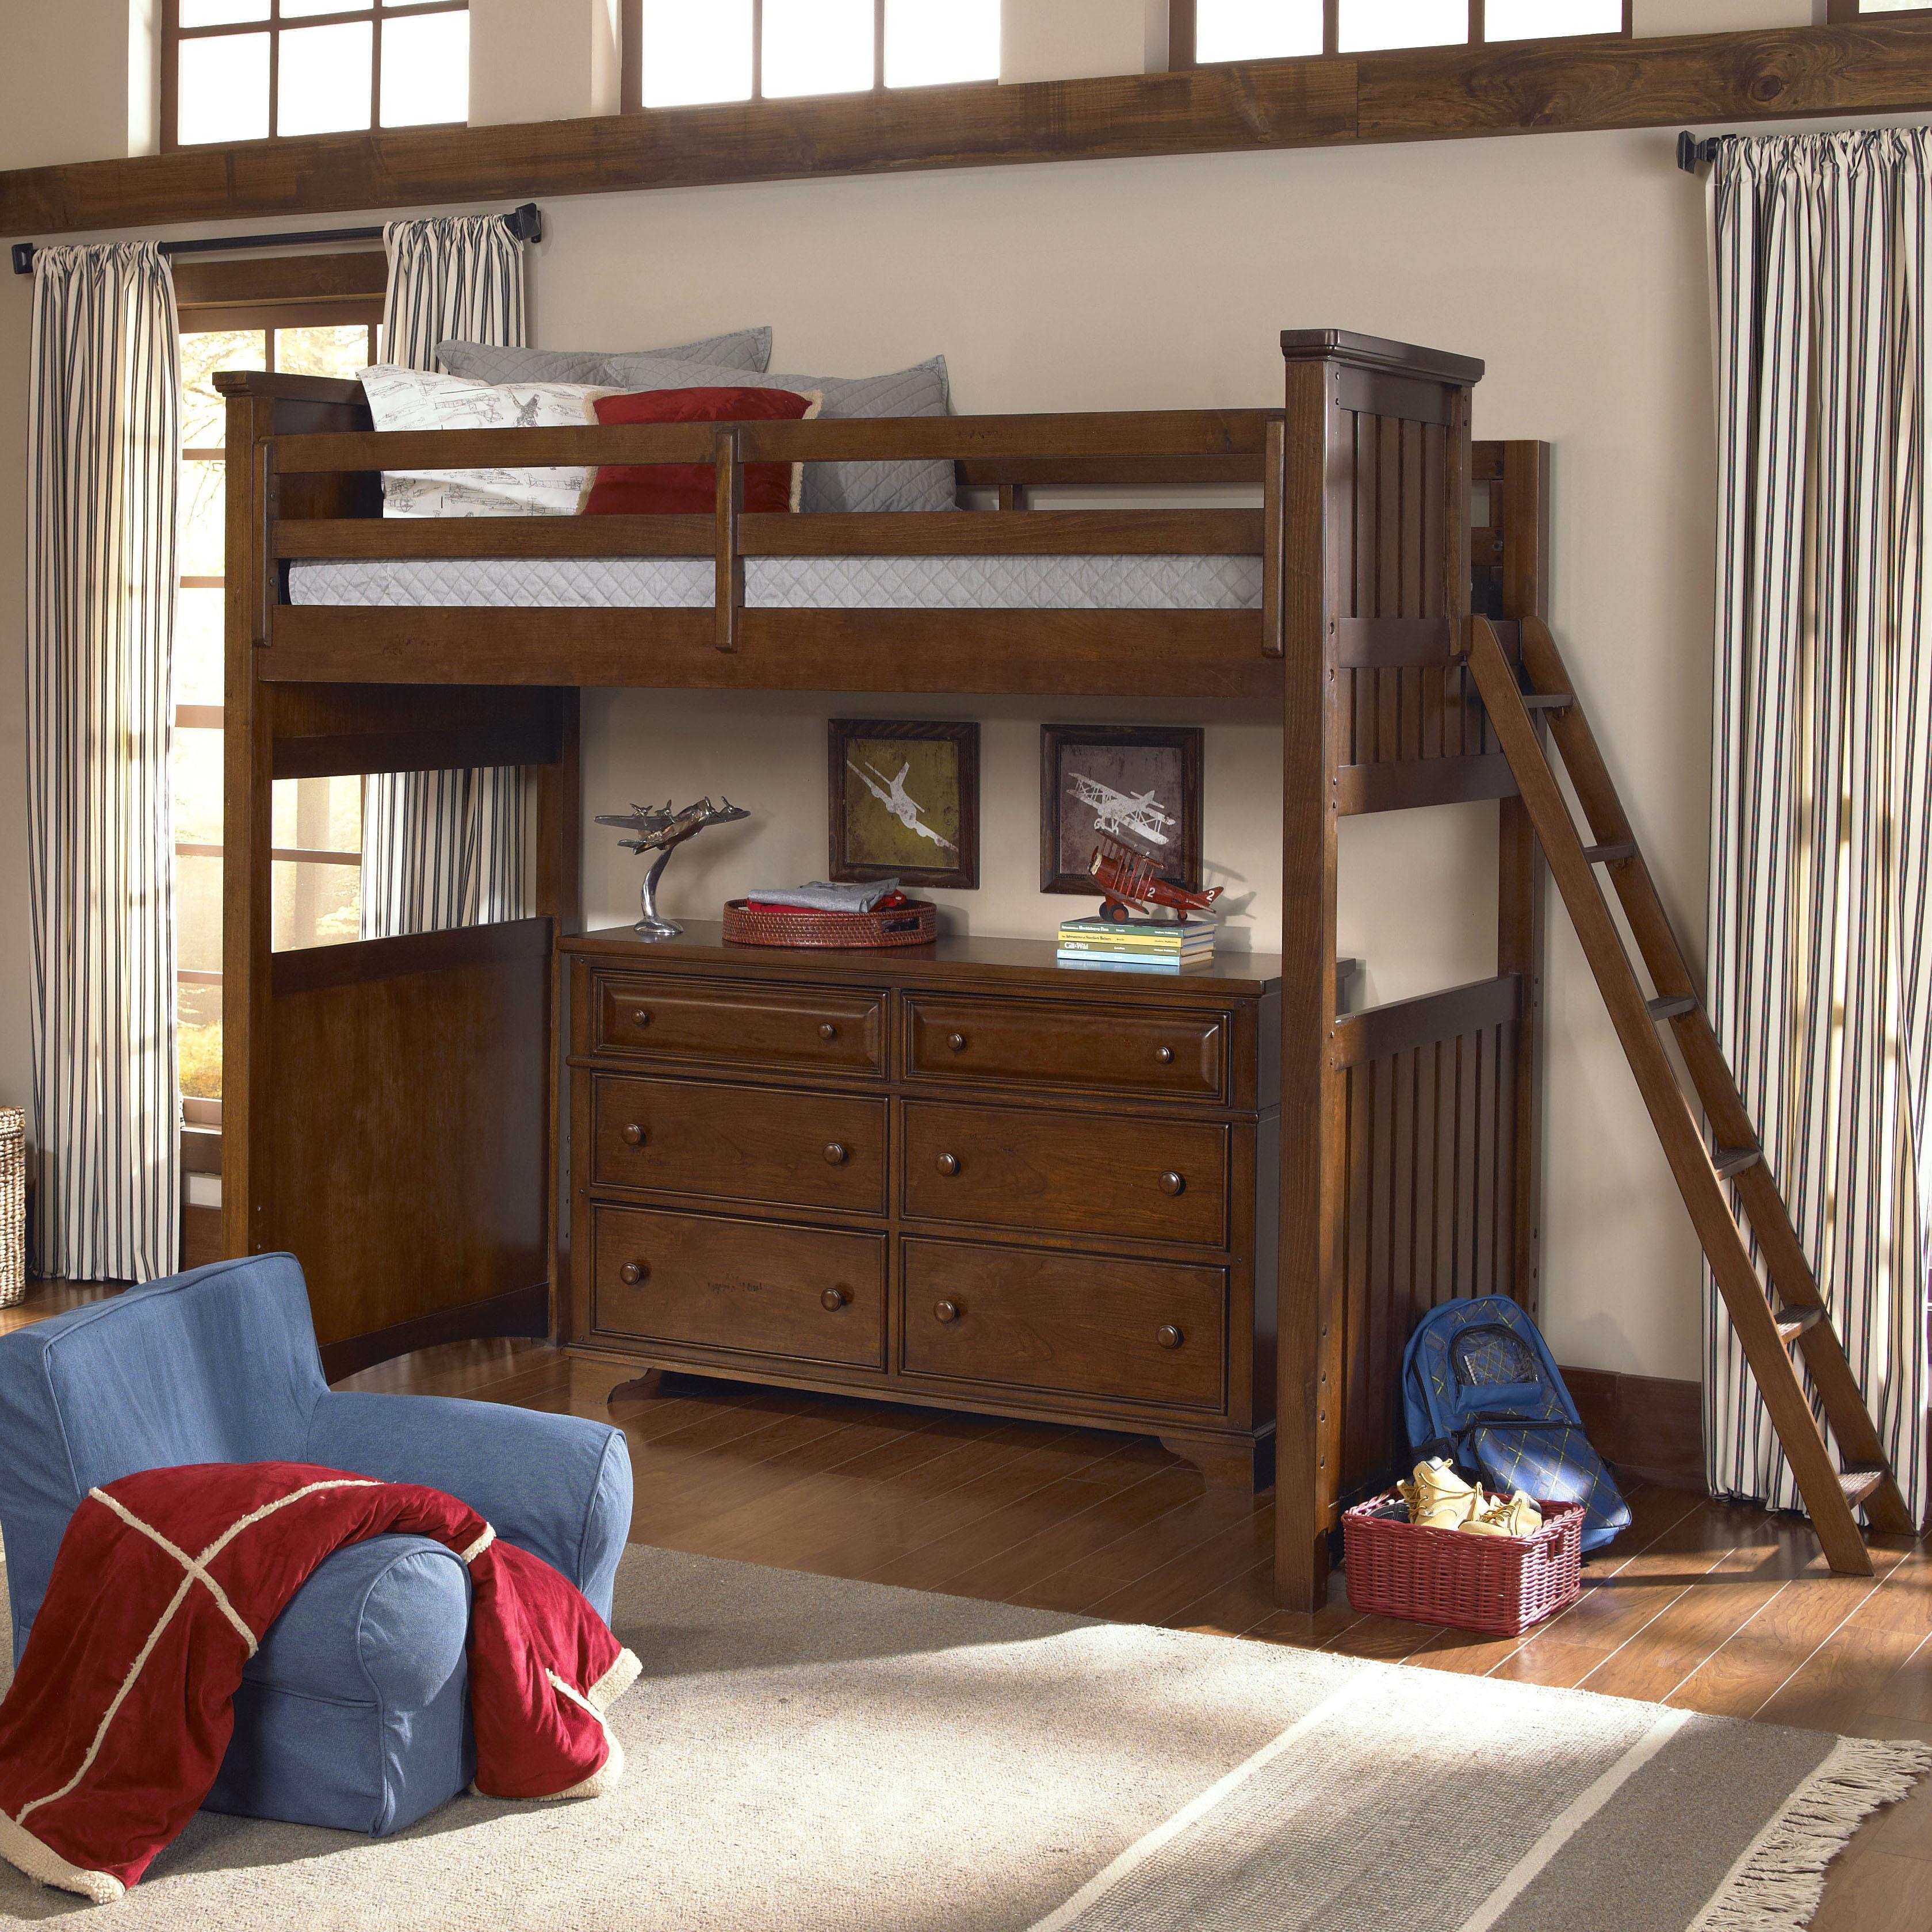 Legacy Classic Kids Dawsons Ridge Complete Twin Loft w/ Ladder - Item Number: 2960-8510K